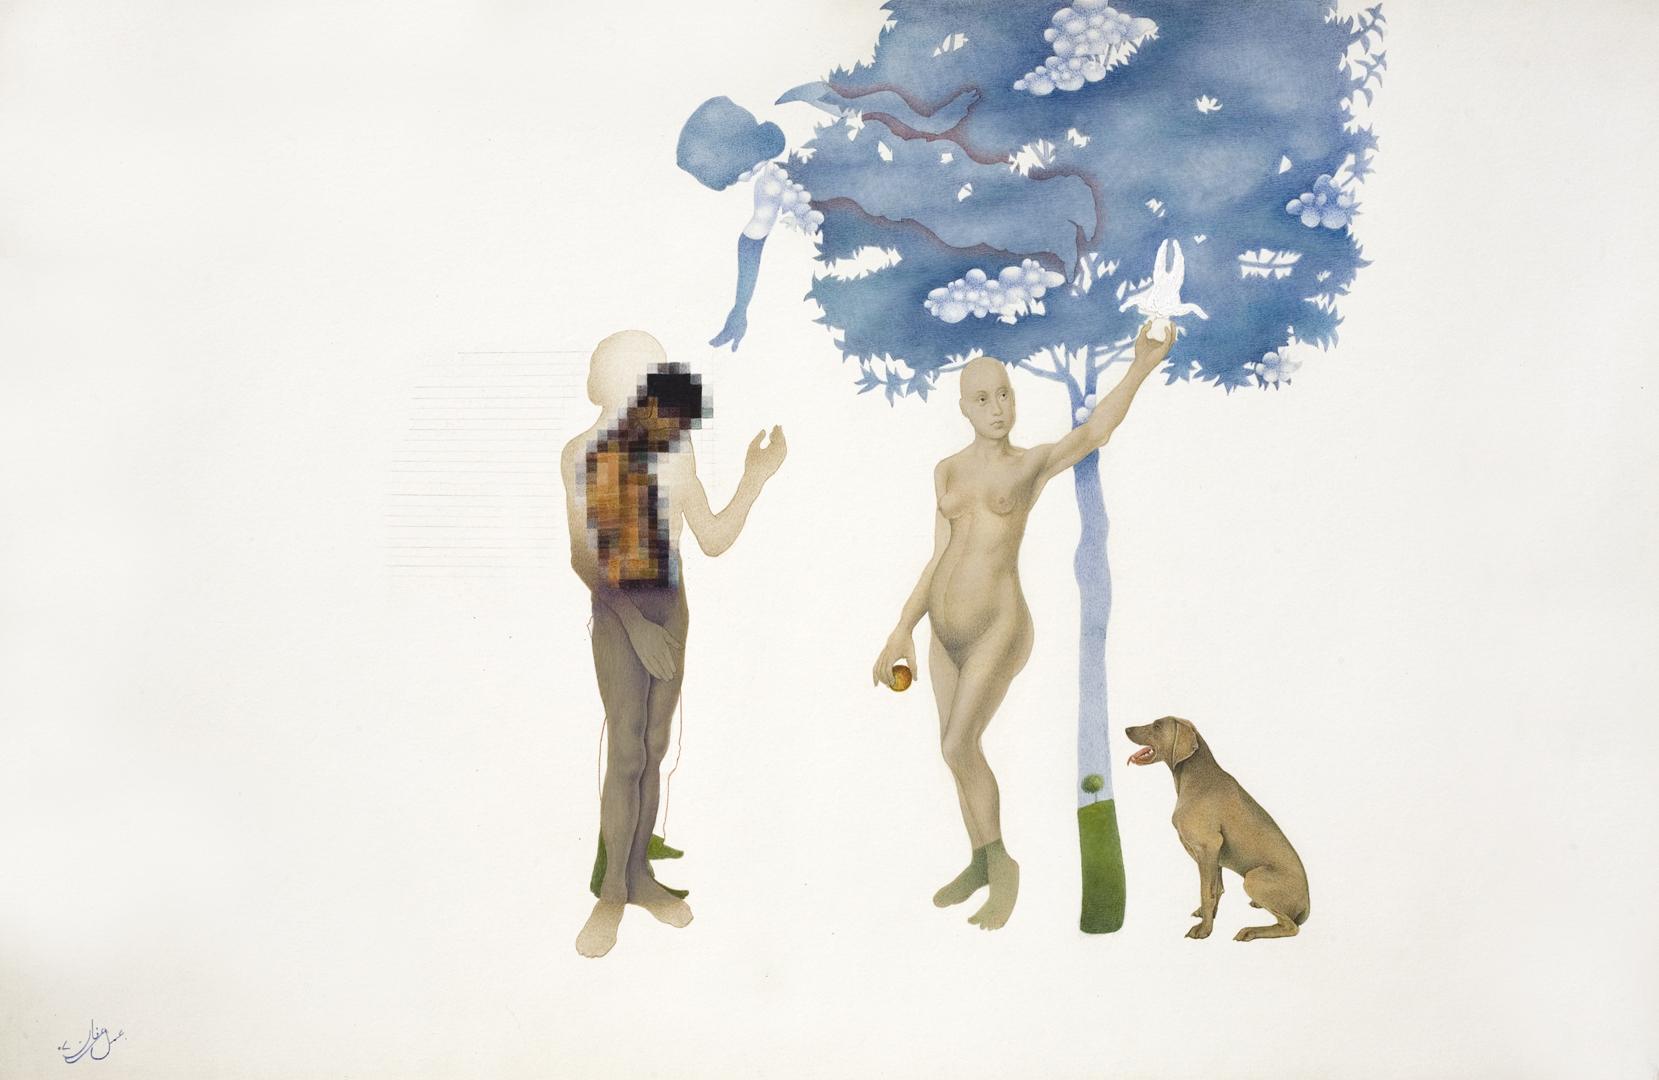 Irfan Hasan, Eve and me, 2007